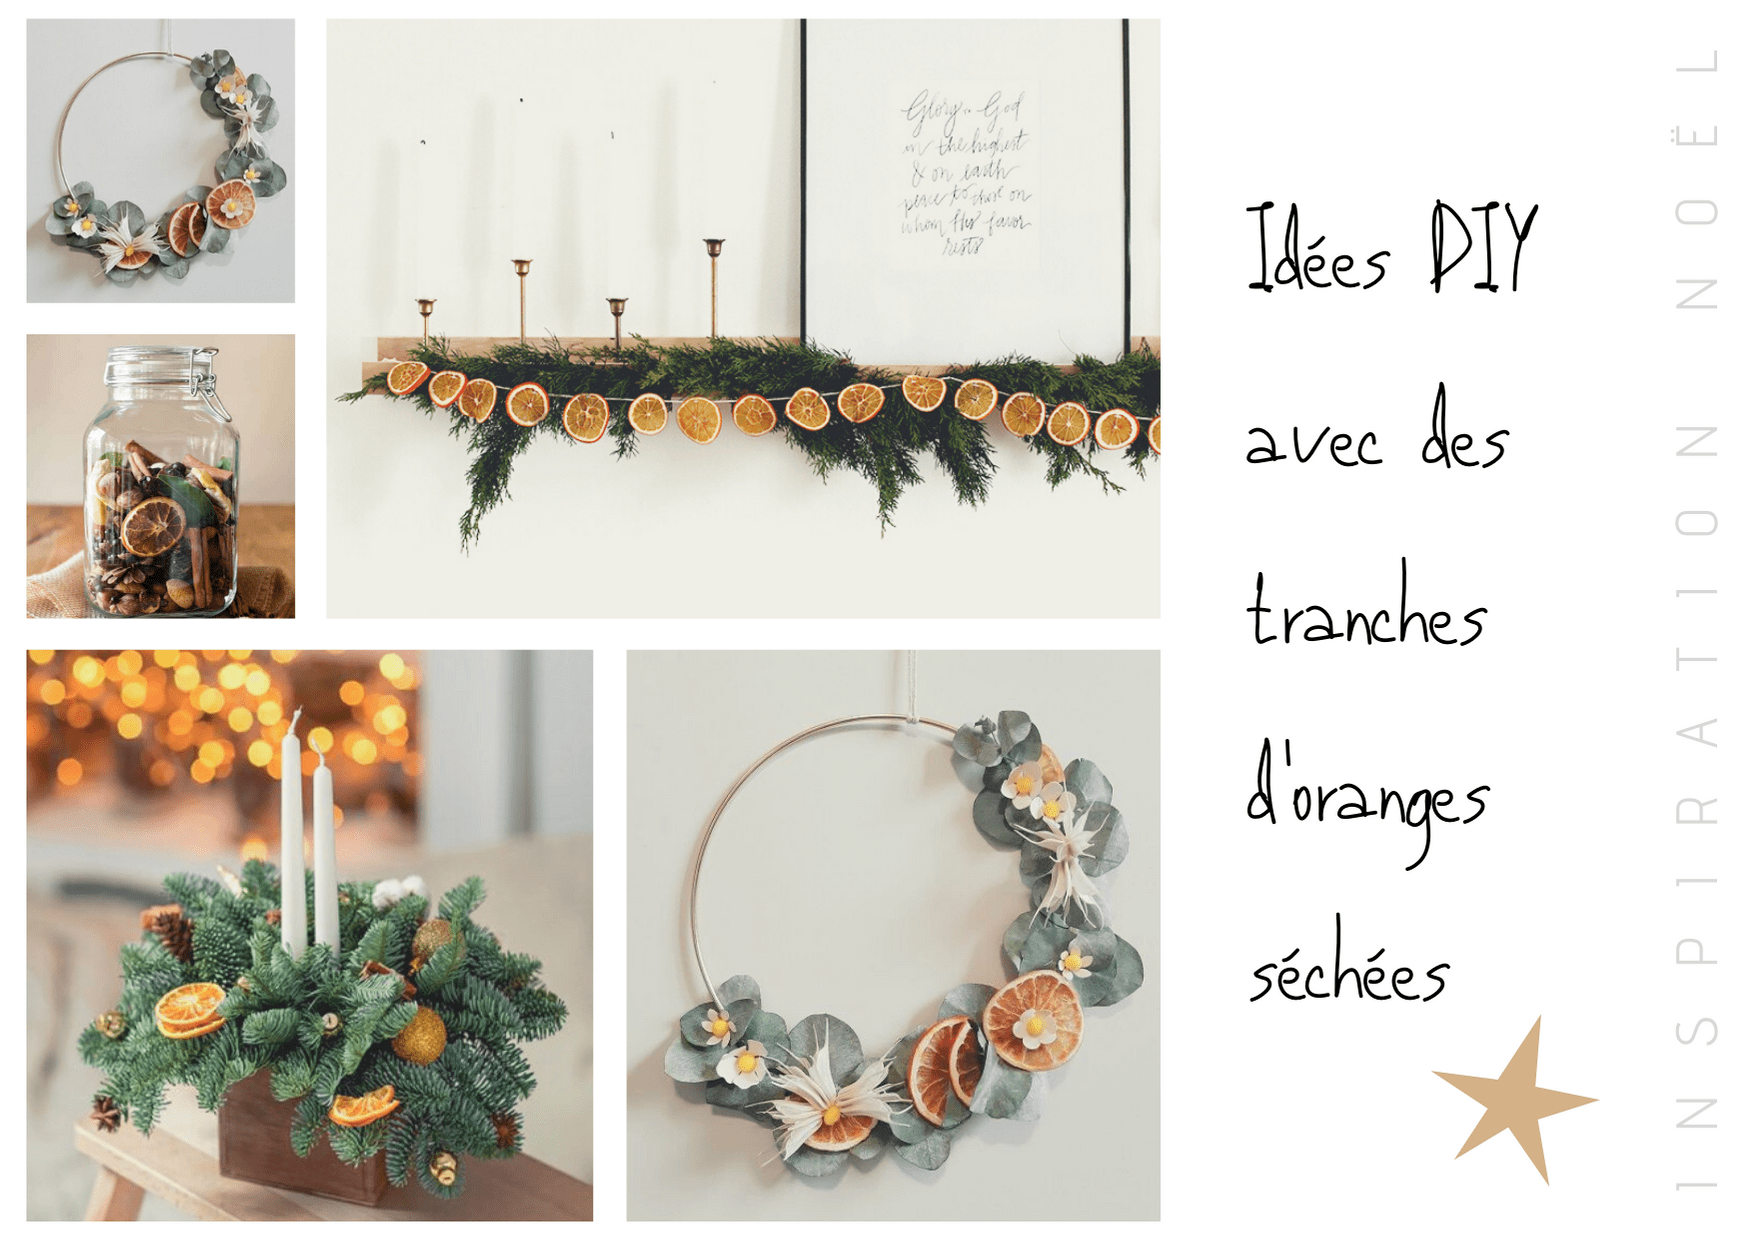 idées décoration de noel avec oranges séchées